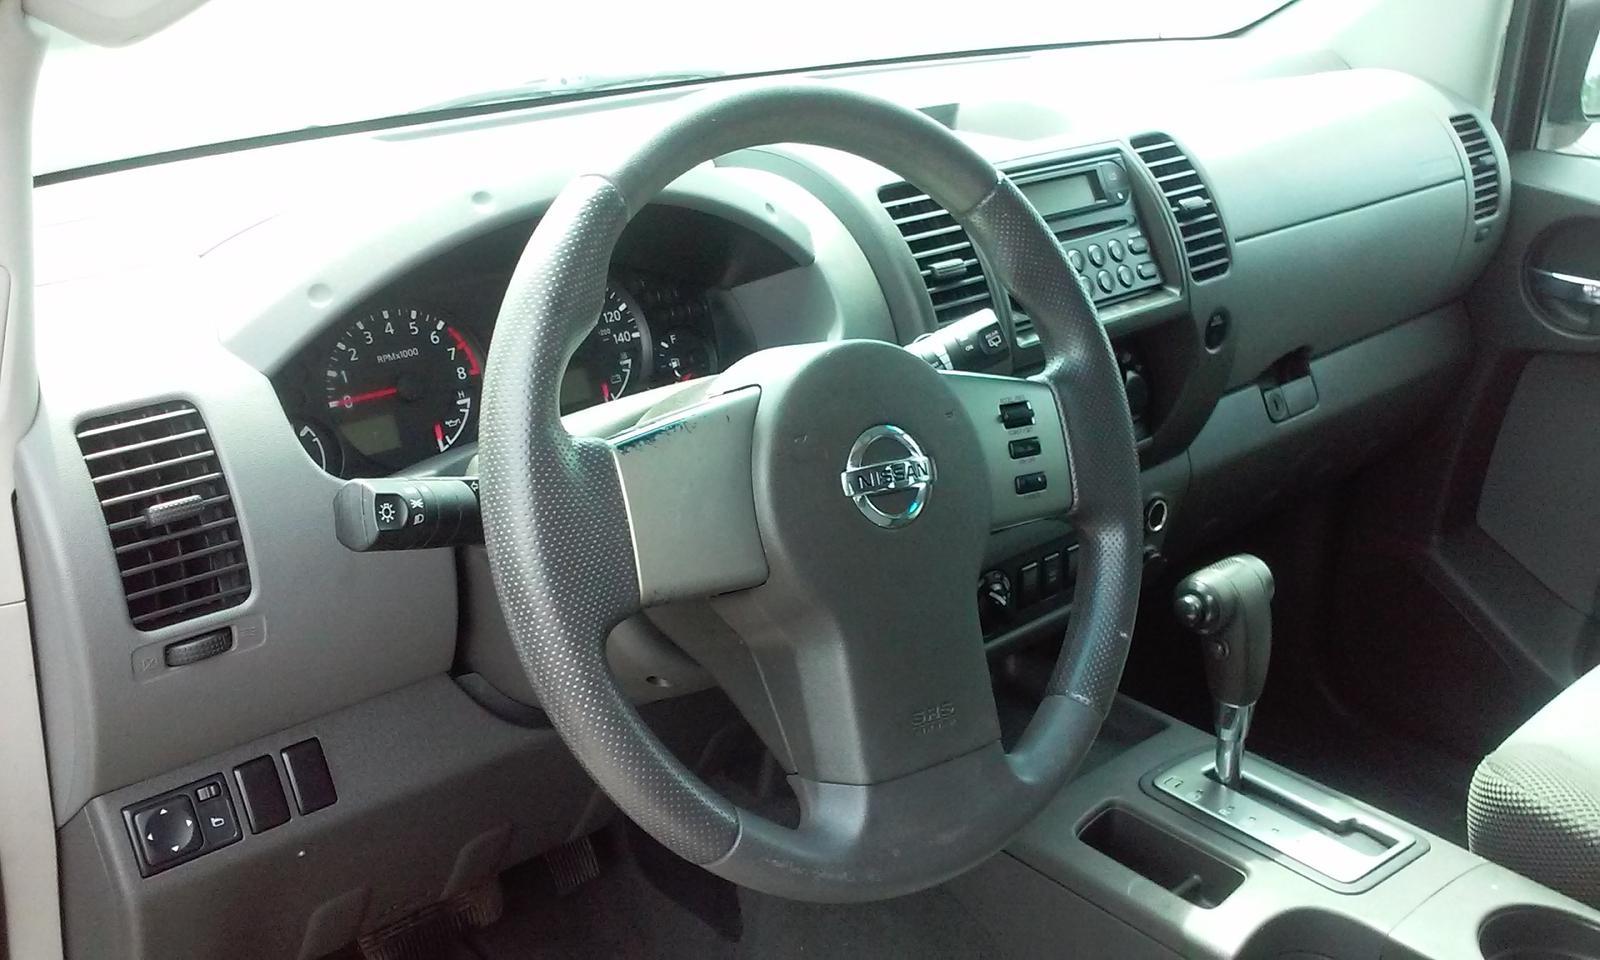 2005 Nissan Xterra Interior Accessories